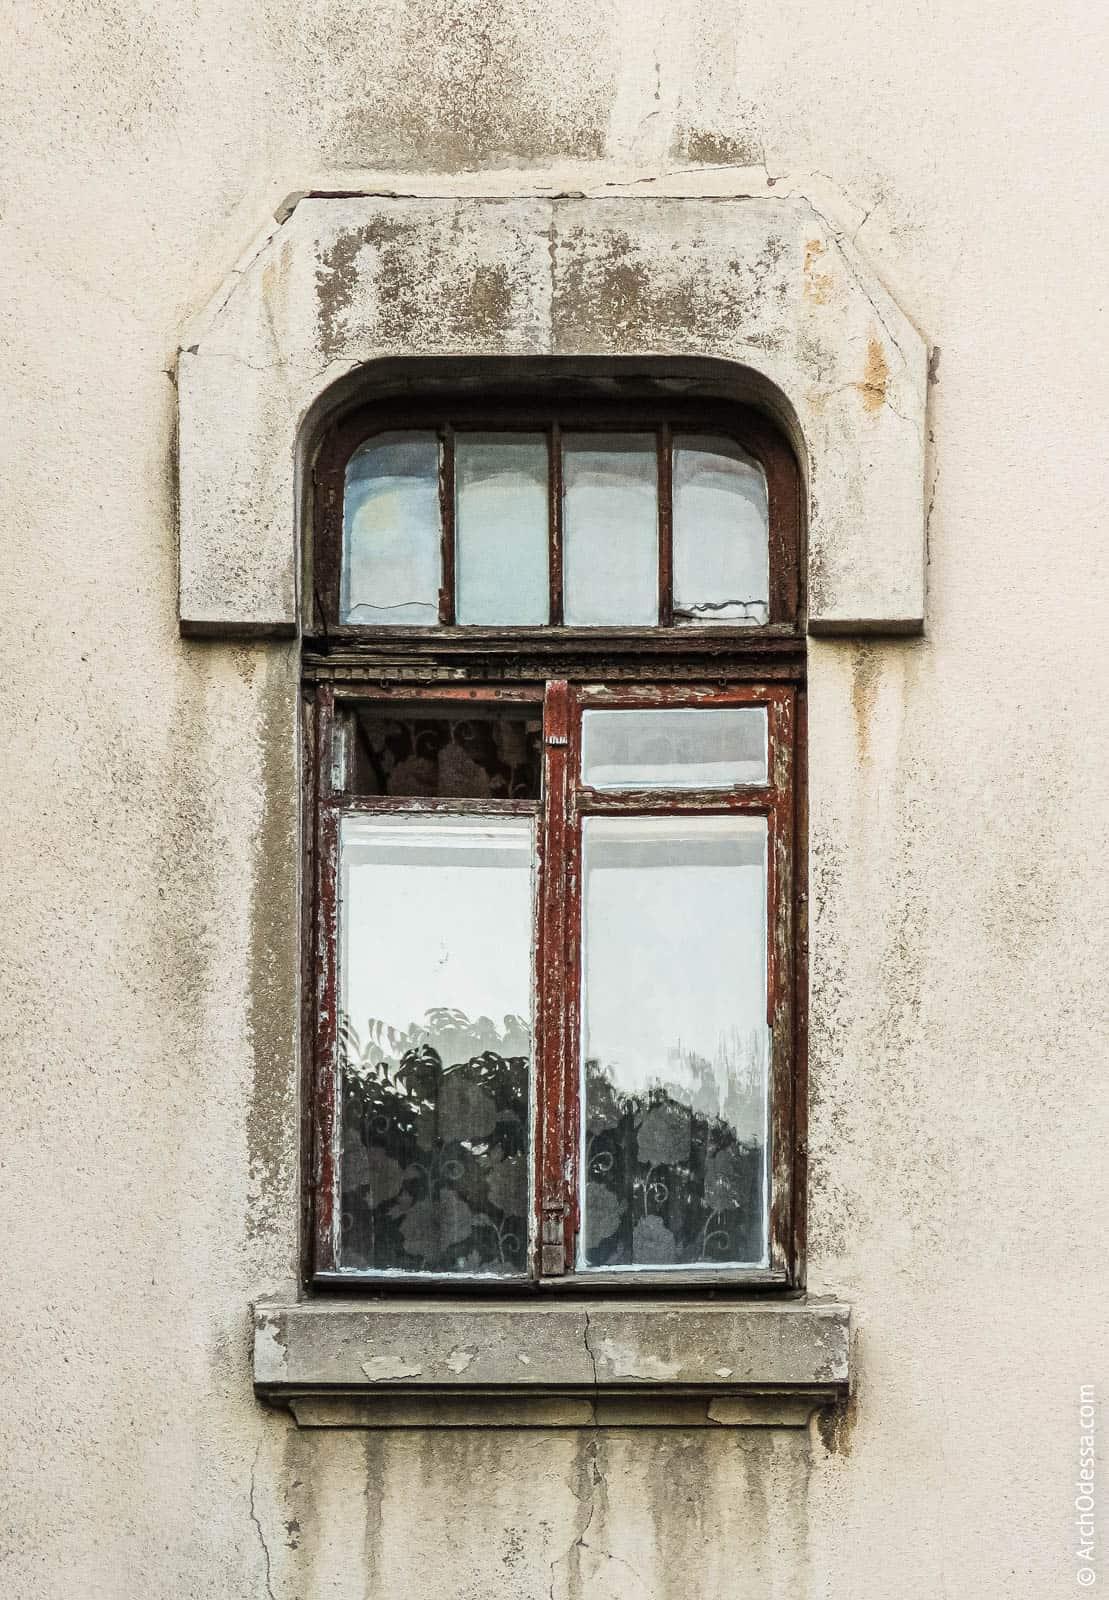 Окно второго этажа, фотография 2015 г. К нынешним временам оригинальный переплет утрачен.